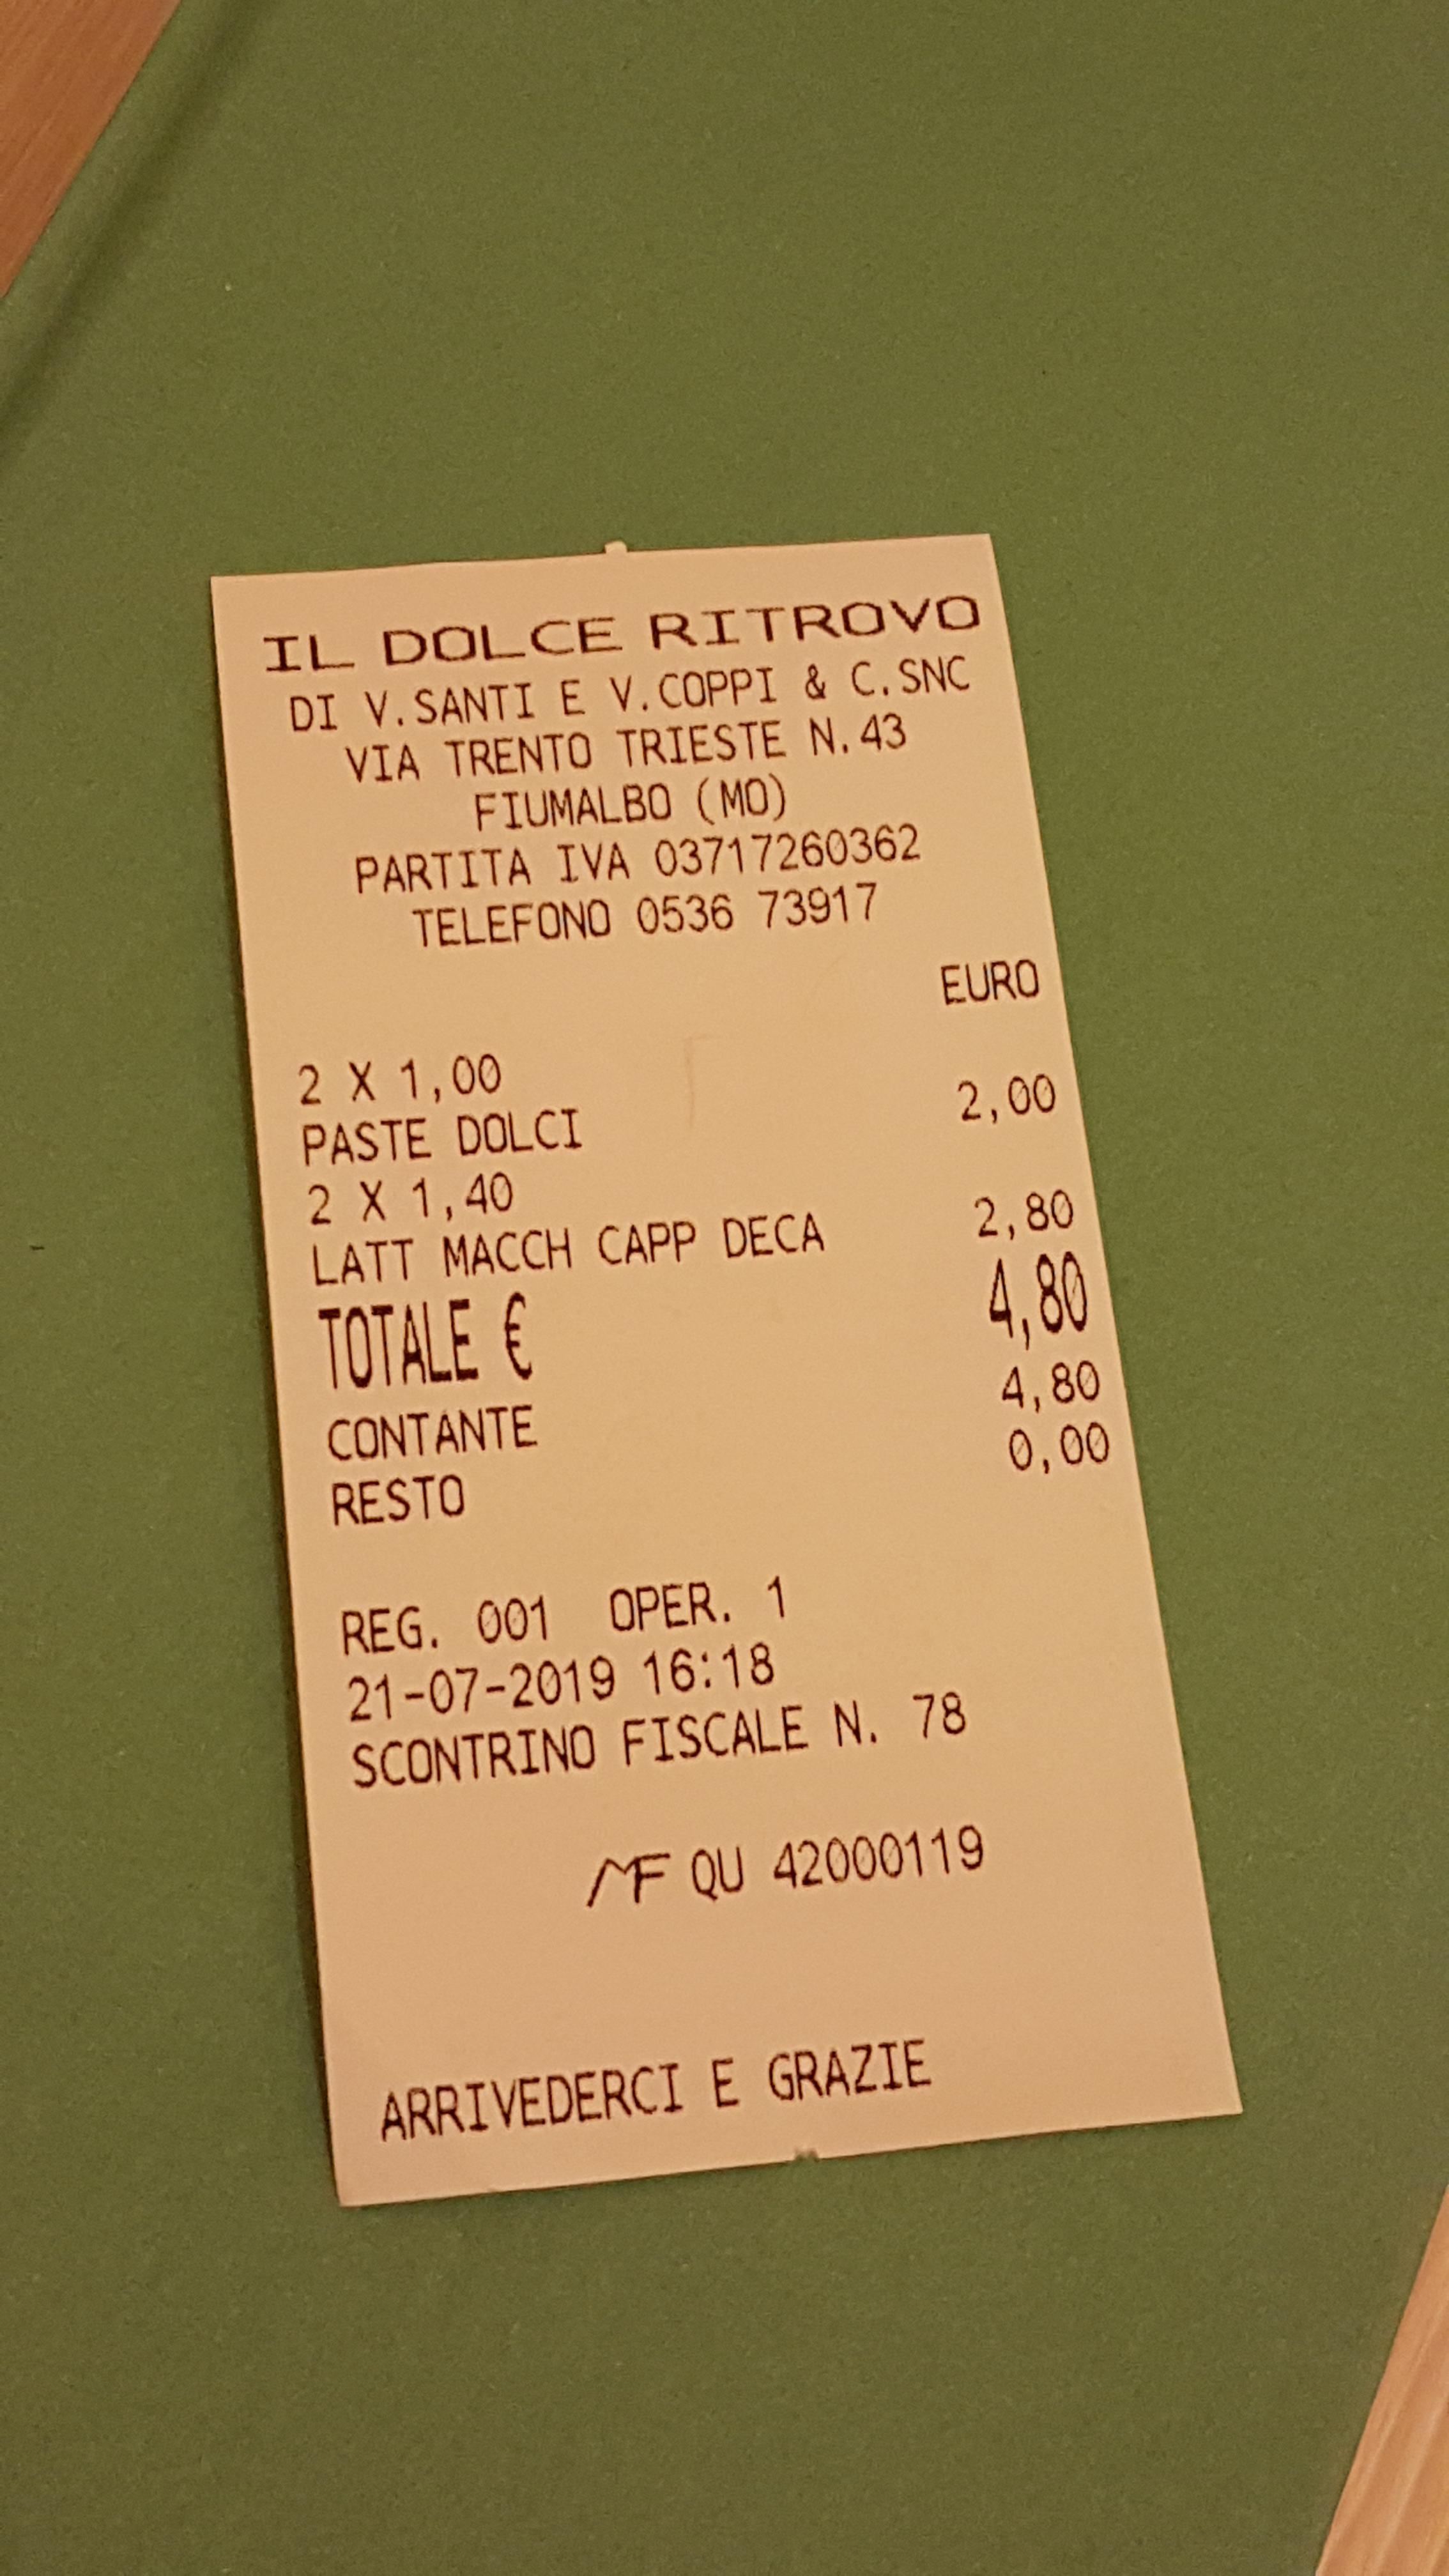 IL DOLCE RITROVO - BAR PASTICCERIA - FIUMALBO - MODENA 1jpg